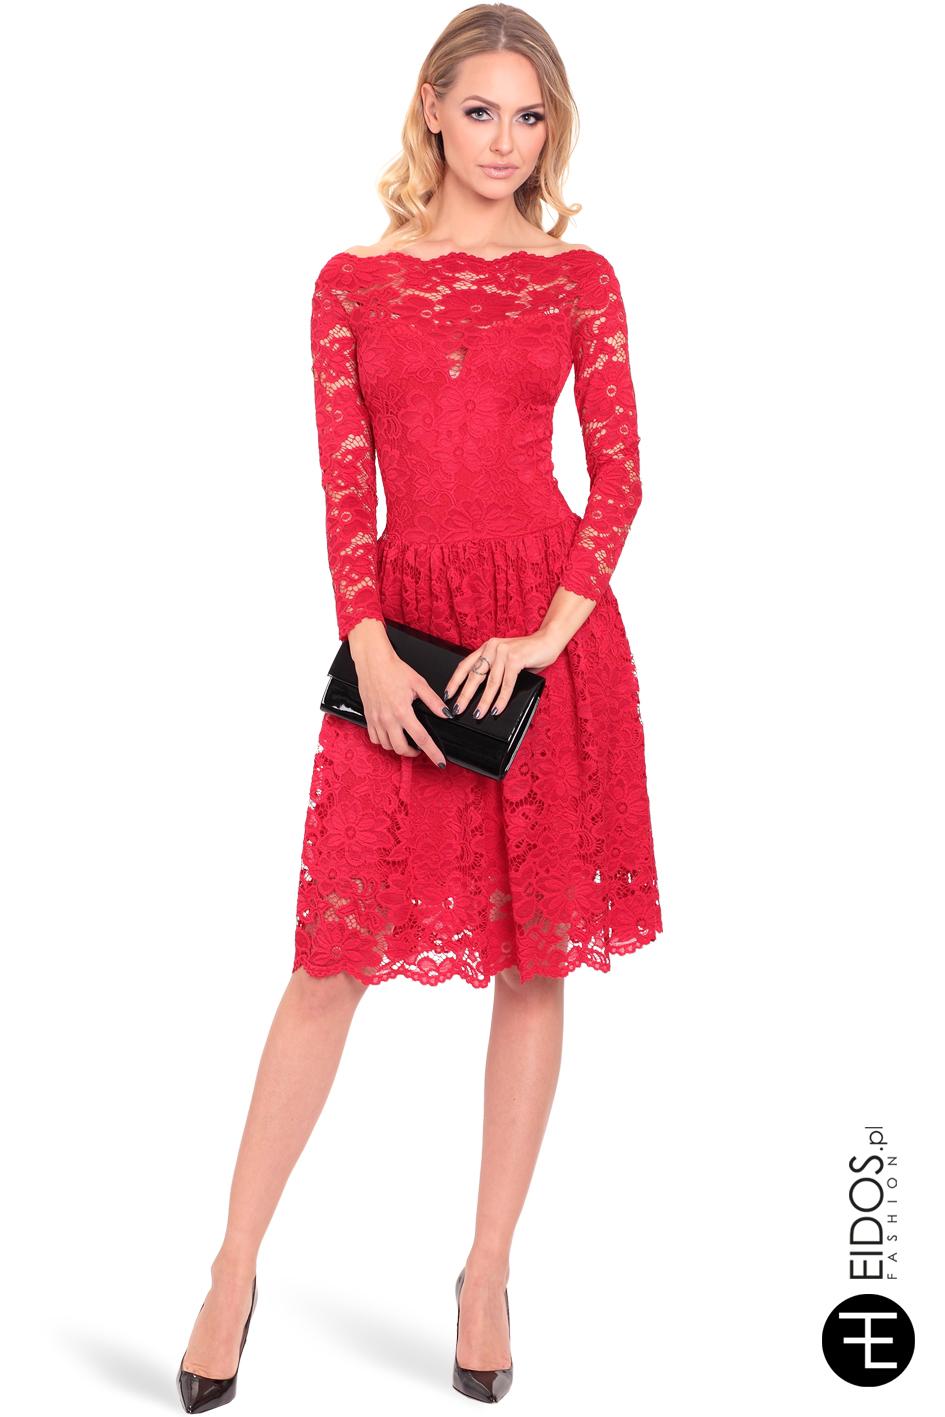 050ec035 Sukienka AMELIA czerwona koronka - EIDOS.pl